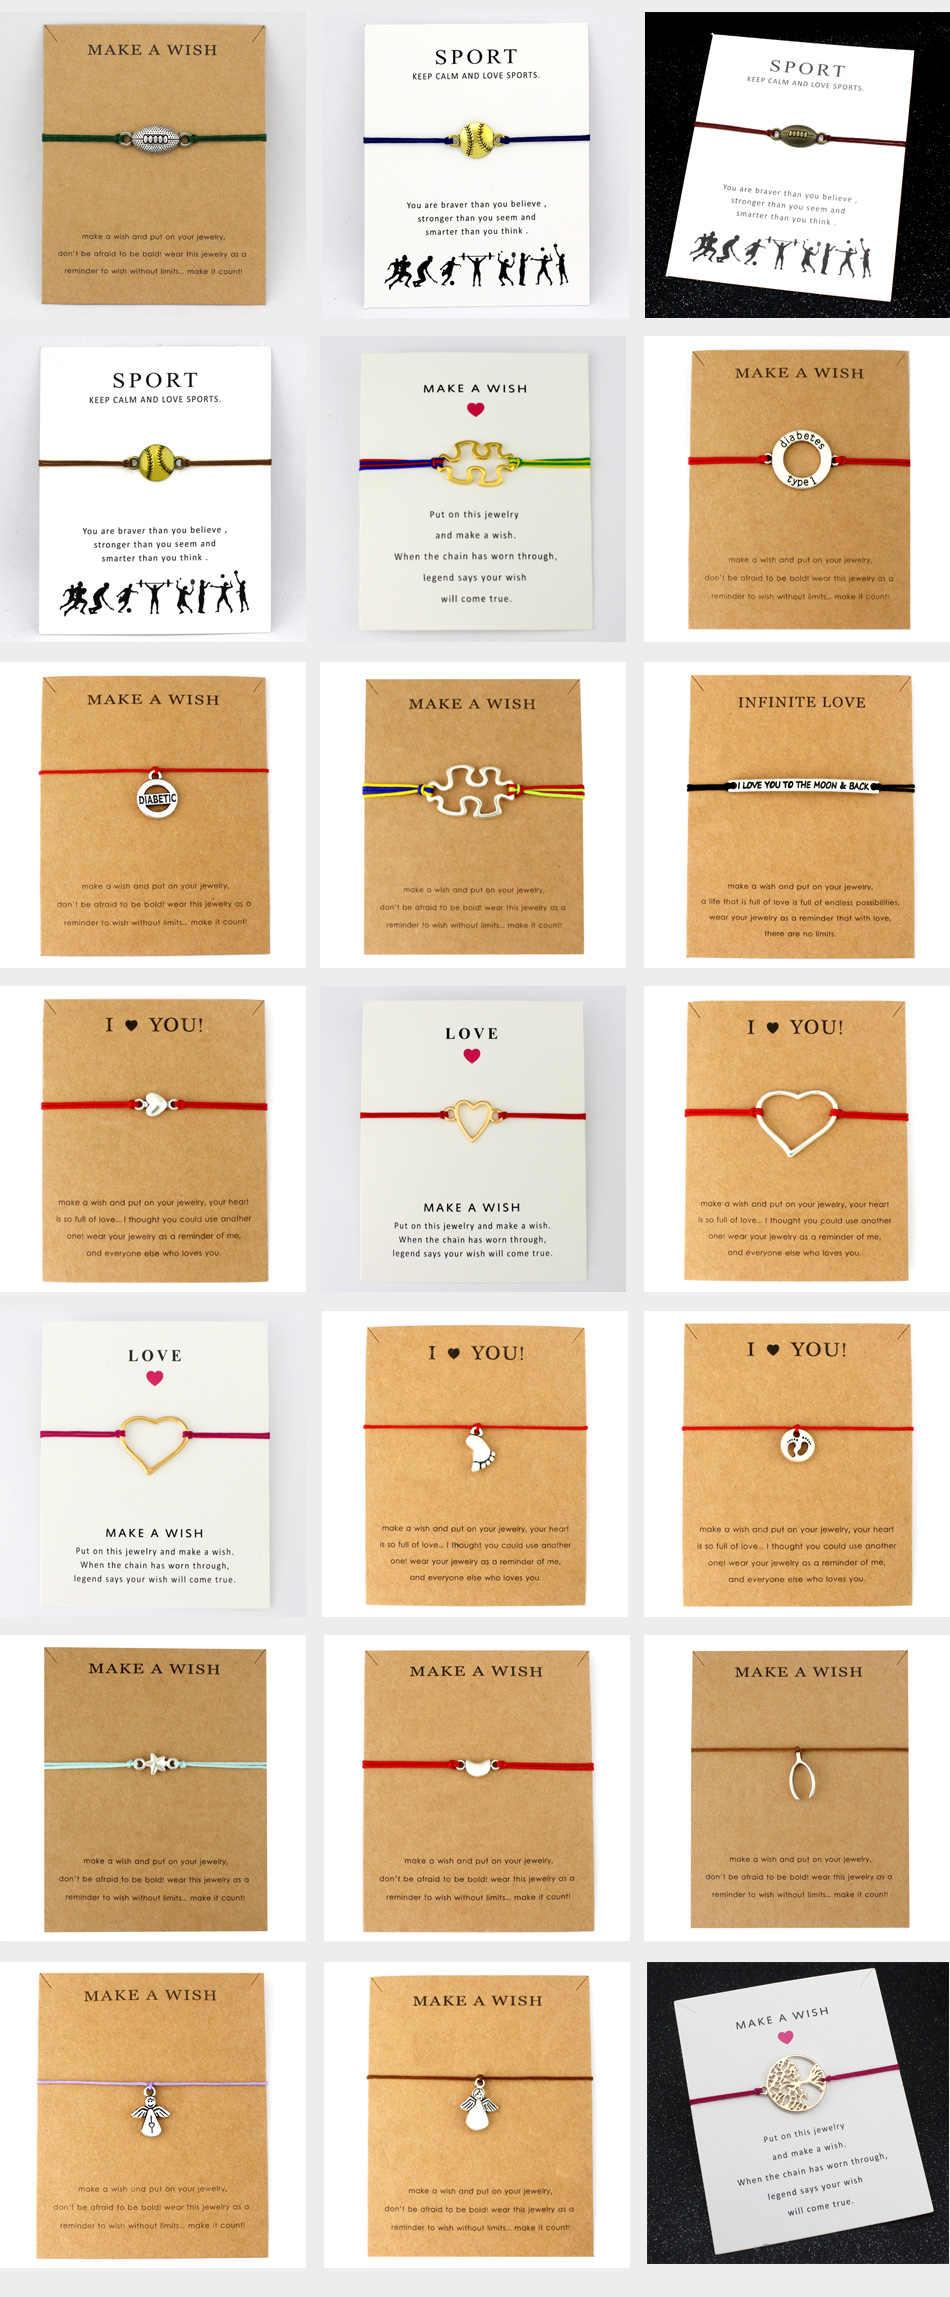 סוכרת סוג 1 אוטיזם פאזל קסמי צמידי נשים גברים אהבת ידידות תכשיטים מתנה לחג המולד